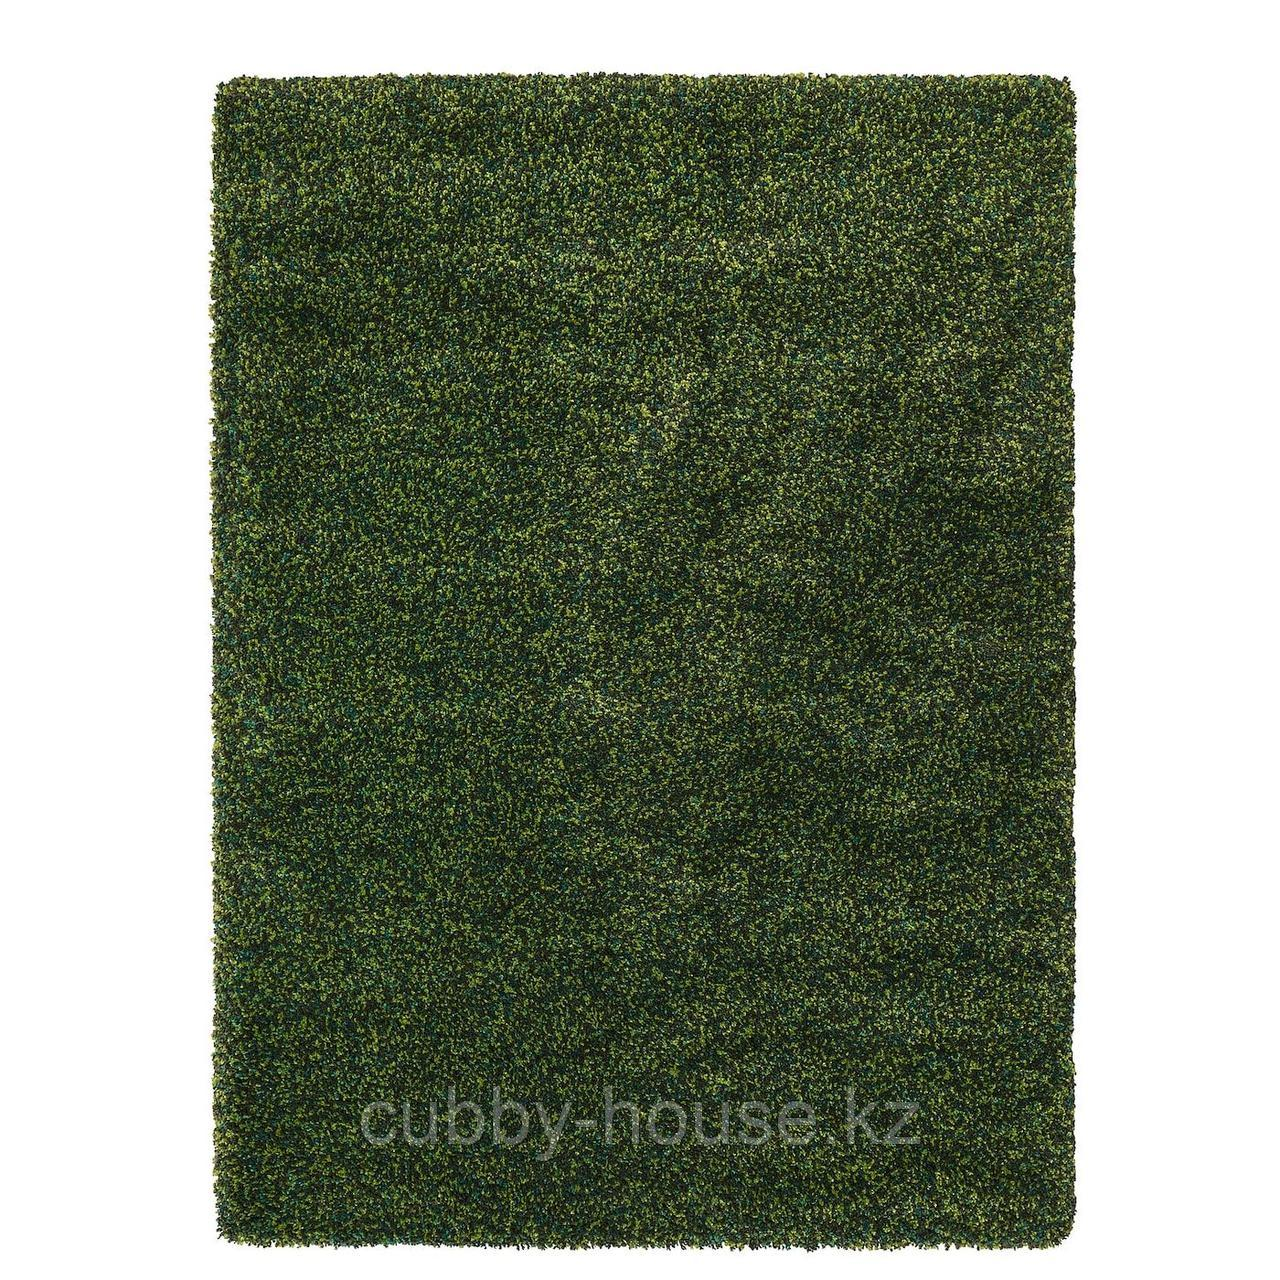 ВИНДУМ Ковер, длинный ворс, зеленый, 133x180 см